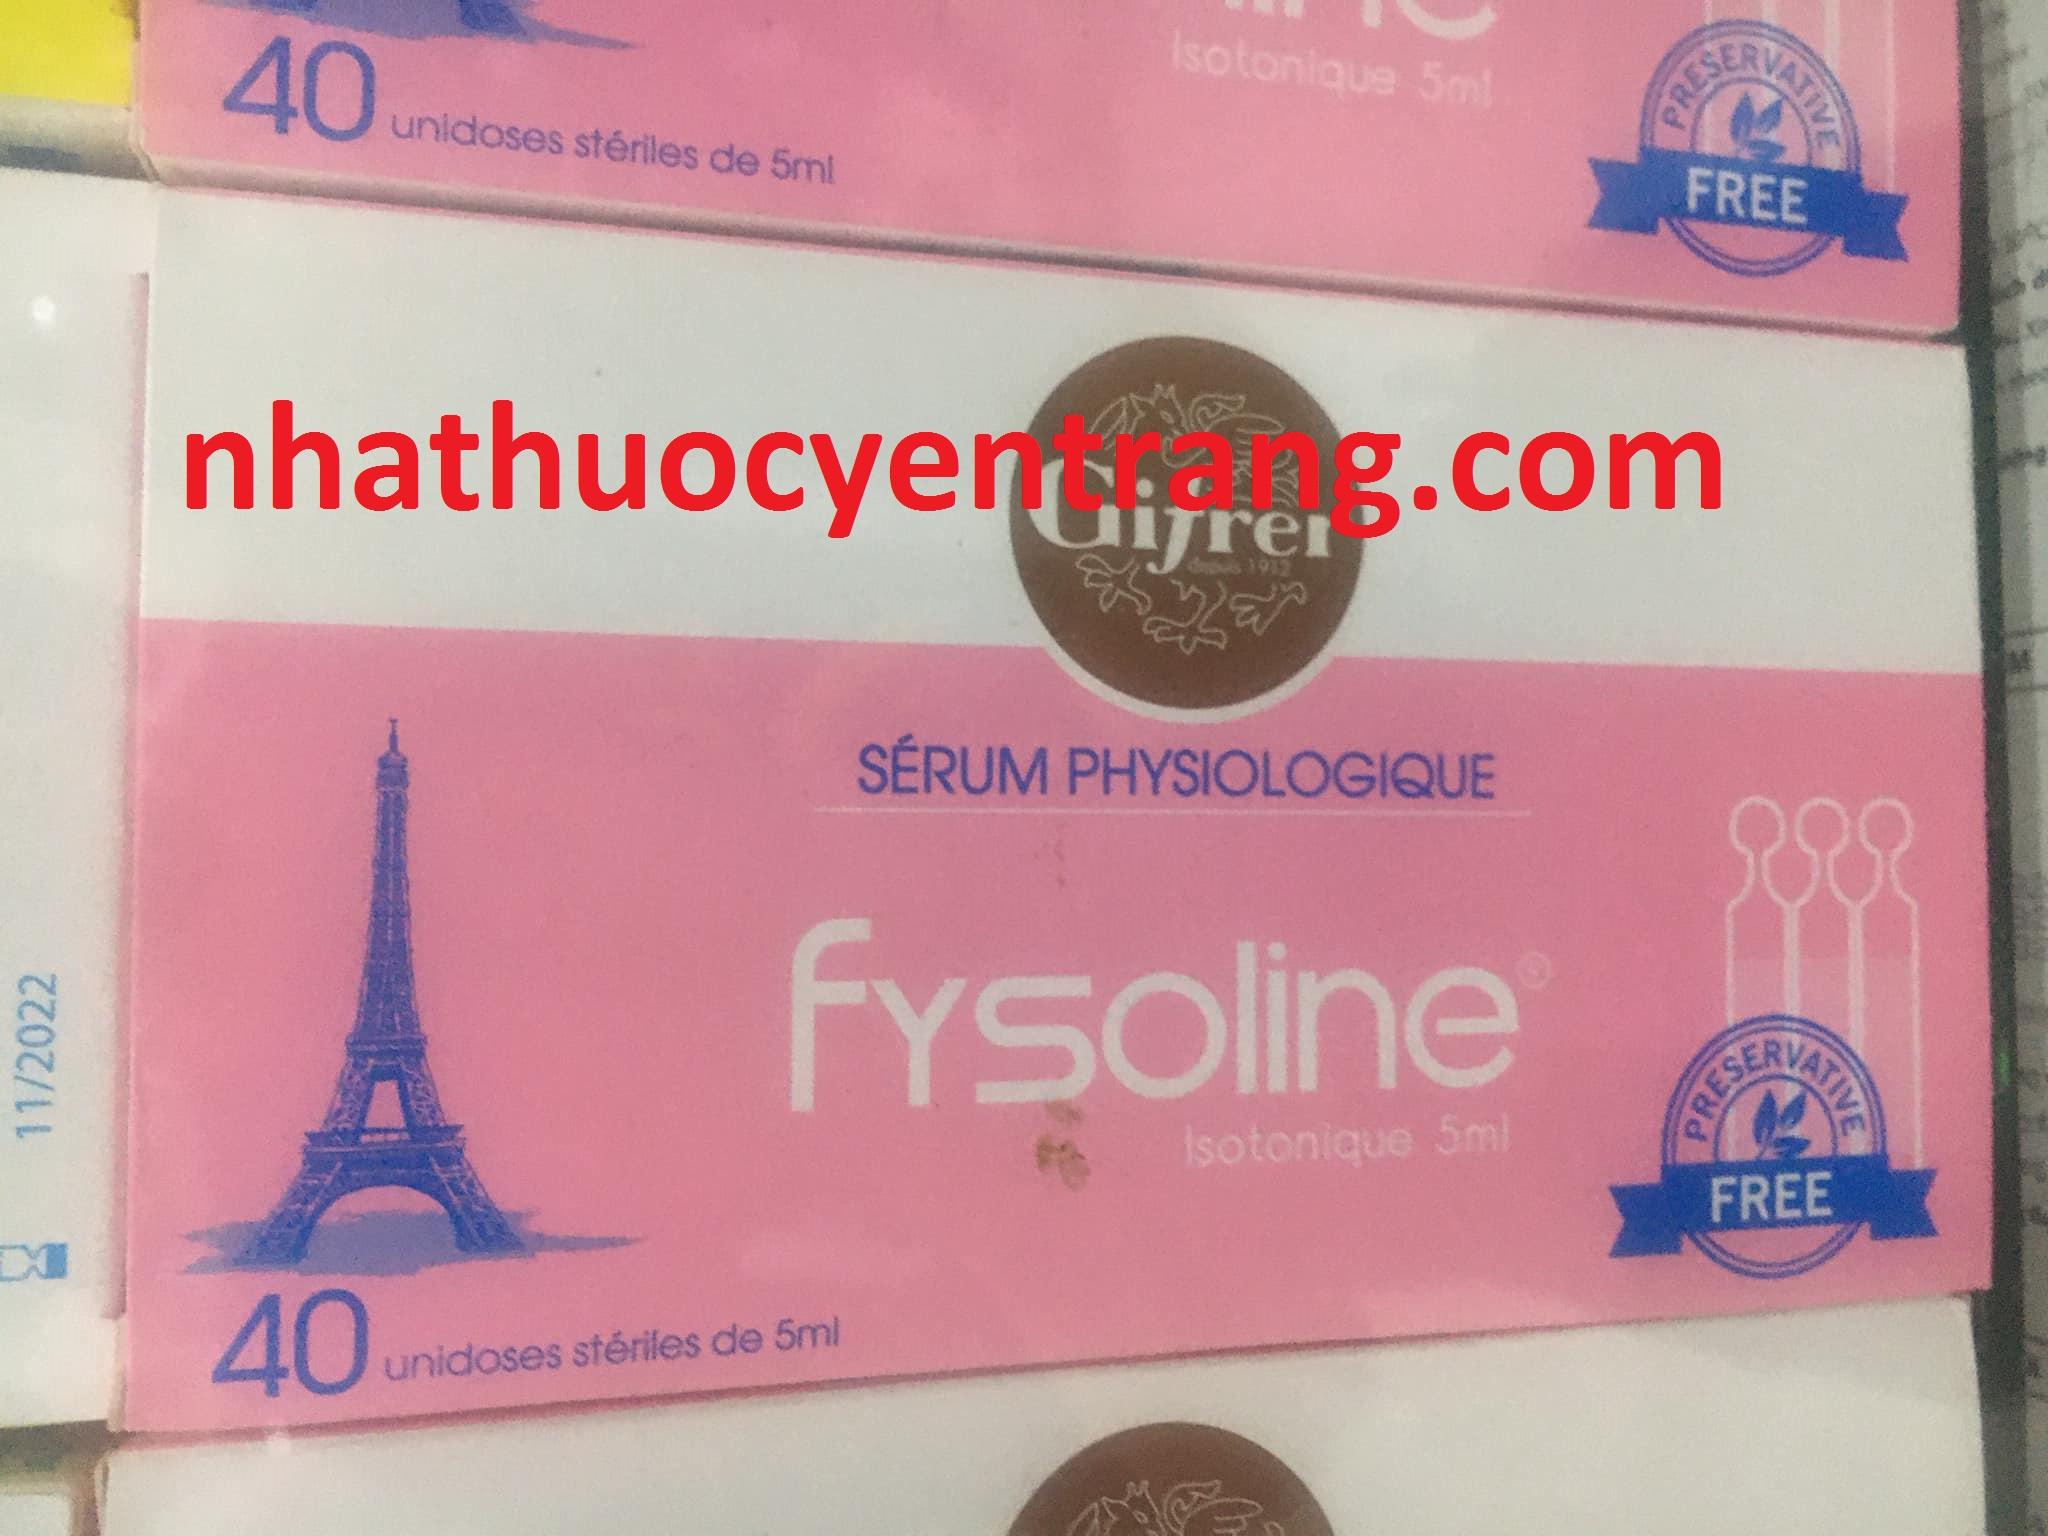 Fysoline hồng